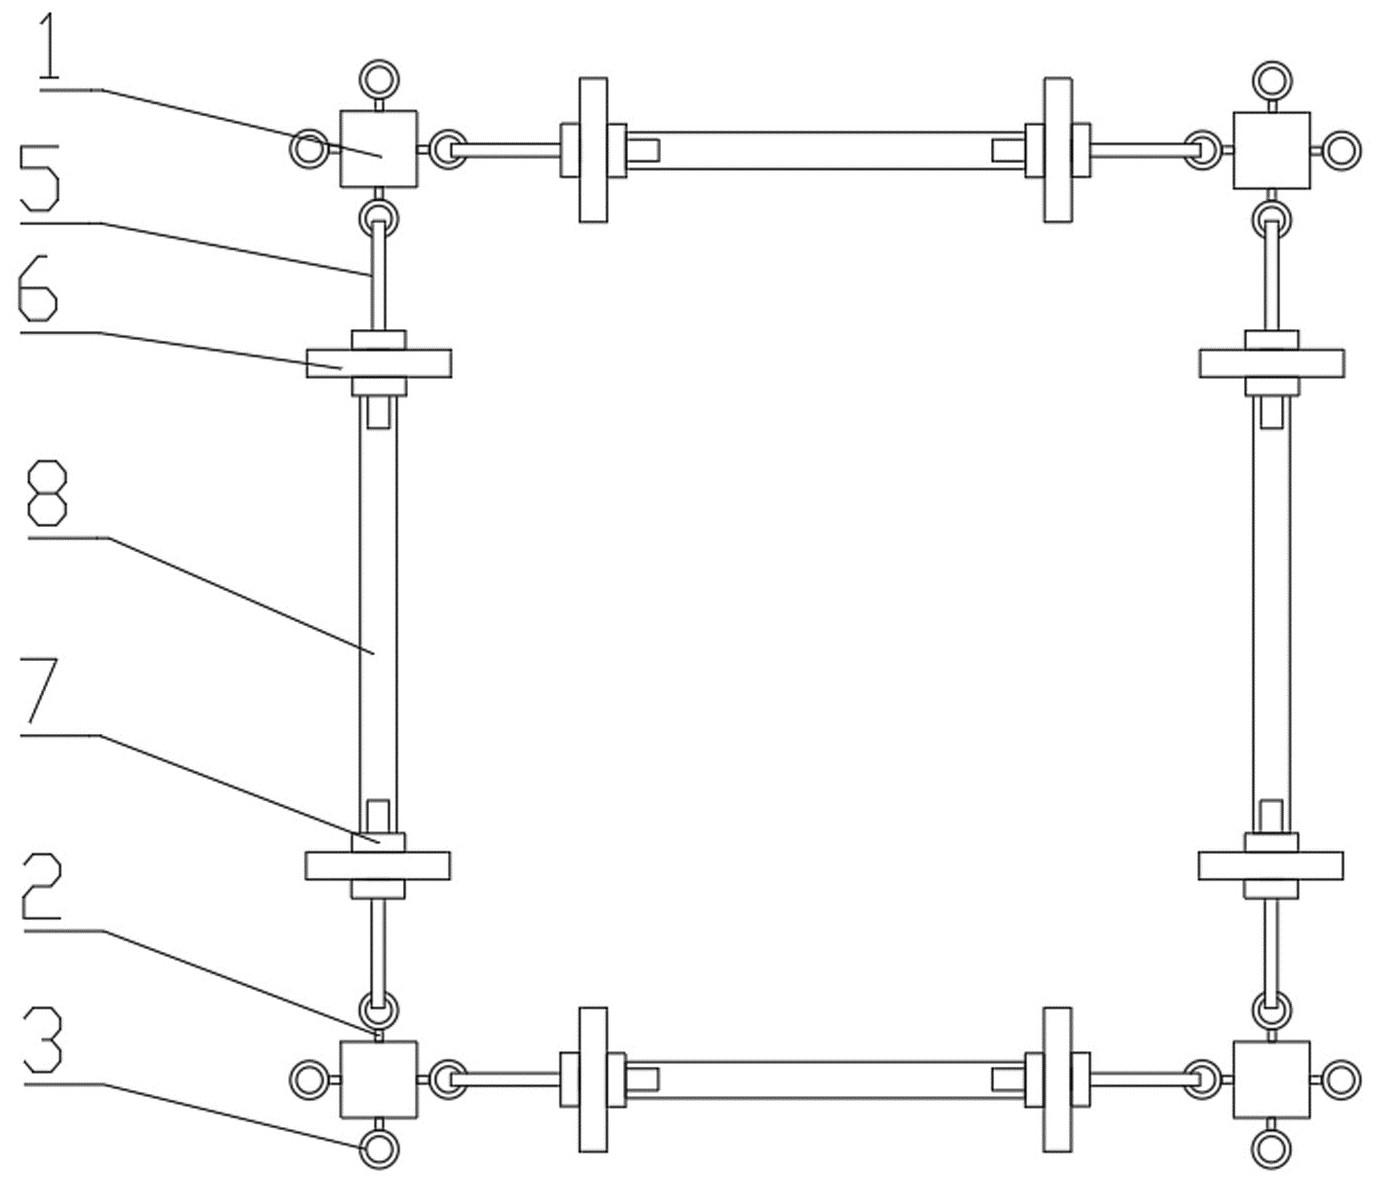 一种格栅拱架固定装置